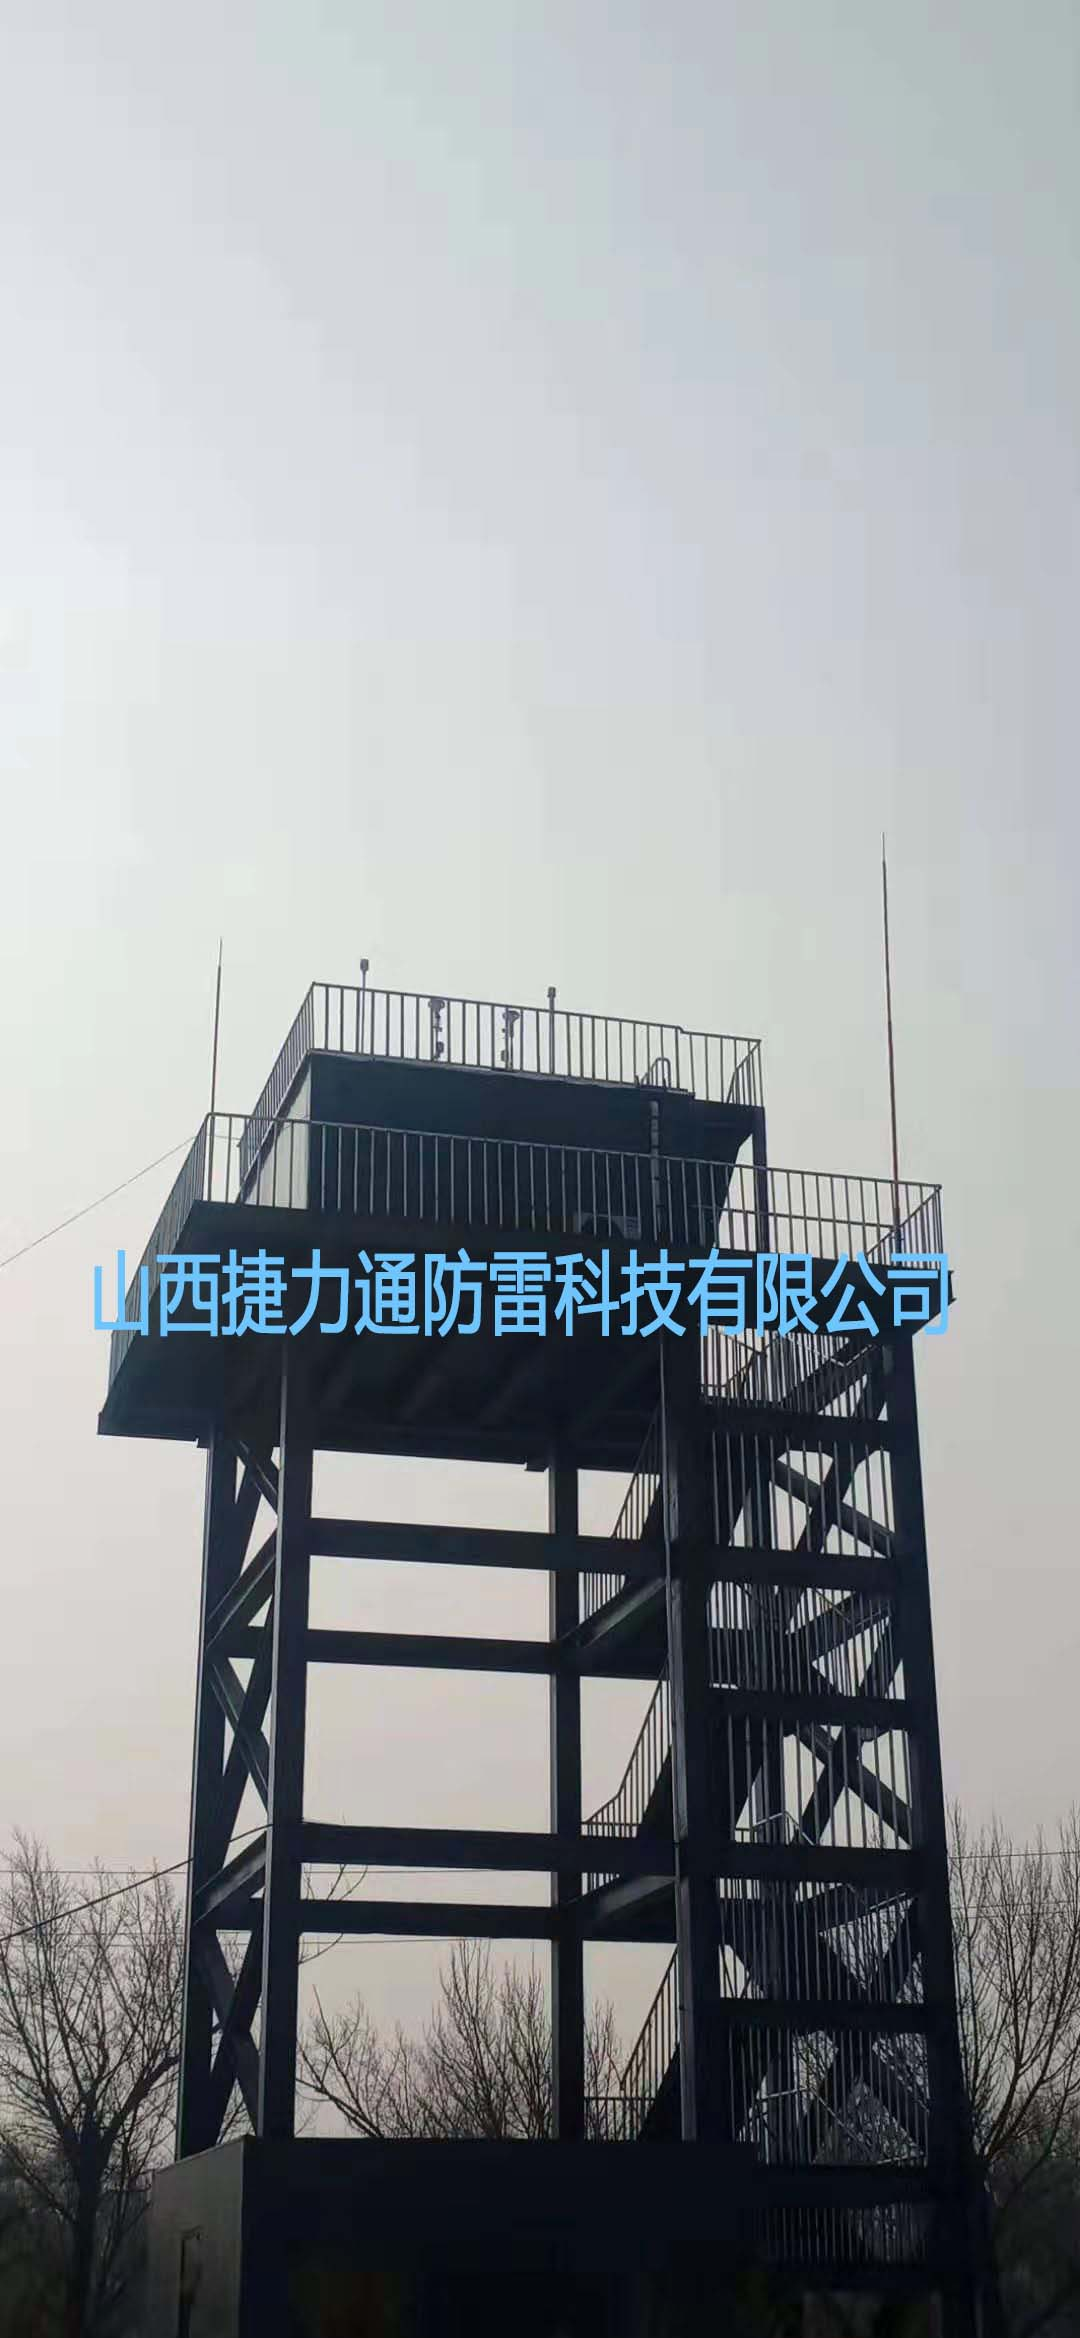 国家环境监测站太原市晋源区金胜站max万博网址是多少项目